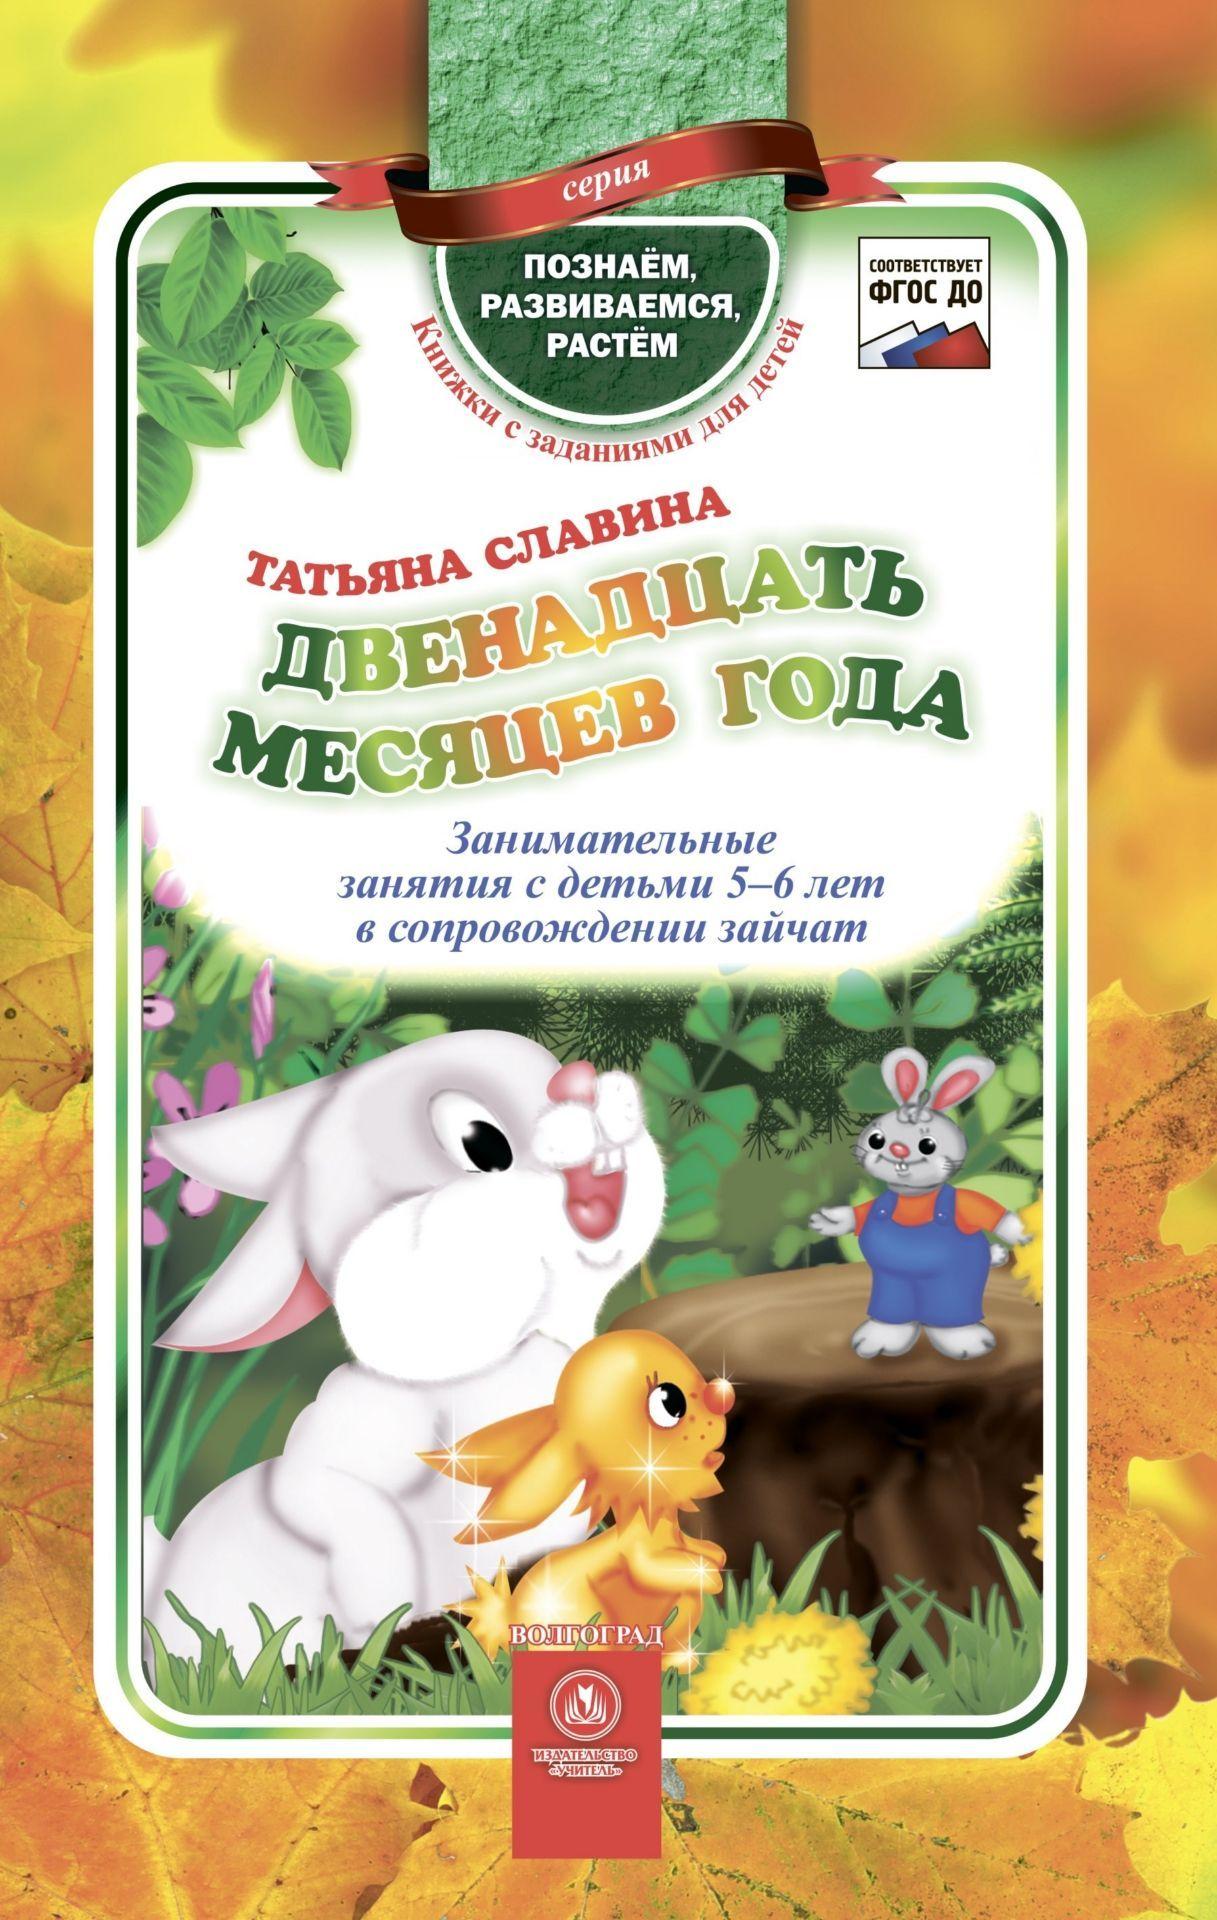 Двенадцать месяцев года: занимательные занятия с детьми 5-6 лет в сопровождении зайчатКнижки с заданиями<br>Замечательная красочная книжка Двенадцать месяцев года - это волшебная сказка с интересными заданиями для детей, которая поможет воспитателям с позиции сказочных персонажей непринужденно и увлекательно включить ребенка в совместную познавательную и рече...<br><br>Авторы: Славина Т.<br>Год: 2015<br>Серия: Познаем, развиваемся, растем. Книжки с заданиями для детей<br>ISBN: 978-5-7057-4043-7<br>Высота: 210<br>Ширина: 140<br>Толщина: 9<br>Переплёт: 7БЦ (твердый)